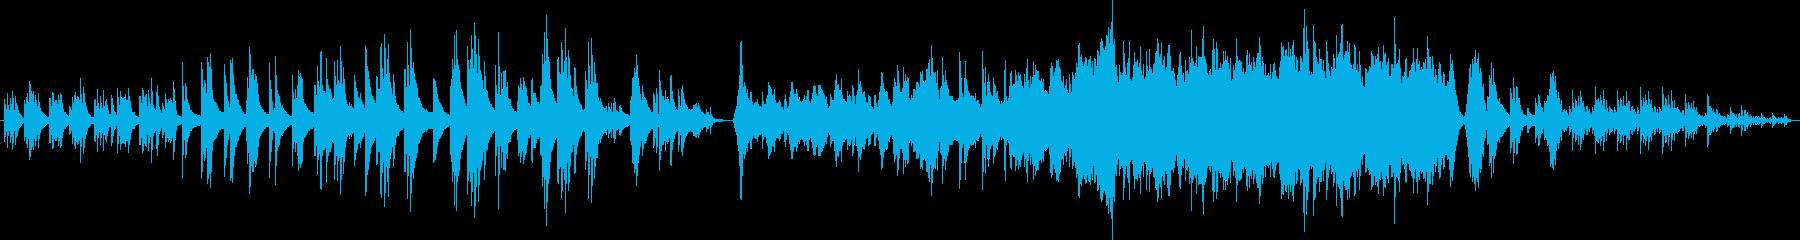 ピアノソロから一気に壮大になるBGM!の再生済みの波形